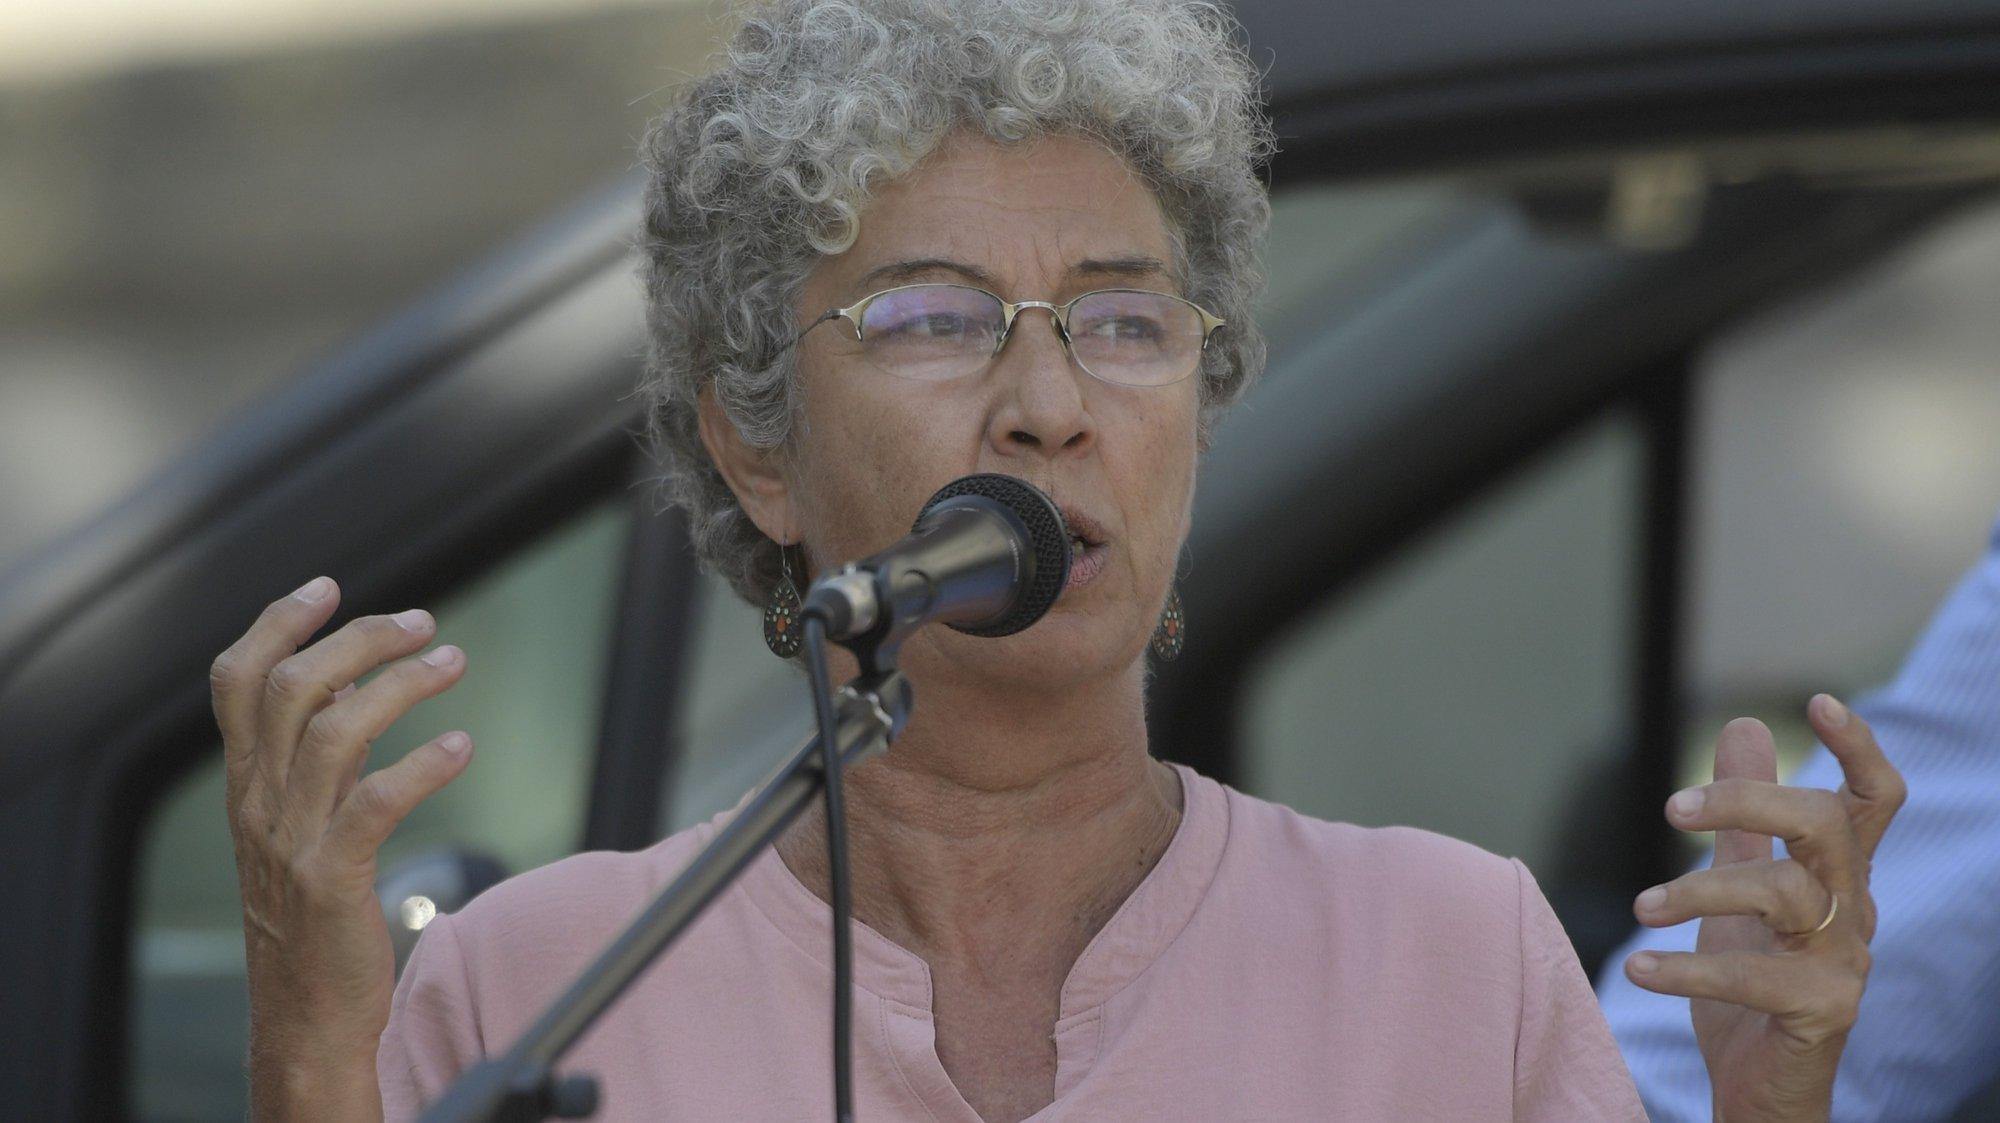 A secretária-geral da CGTP-IN, Isabel Camarinha, discursa apara os trabalhadores da Sociedade de Transportes Coletivos do Porto (STCP) que se encontram em greve e que se manifestam junto à Câmara Municipal do Porto, numa iniciativa convocada pelo Sindicato dos Trabalhadores de Transportes Rodoviários e Urbanos do Norte (STRUN) para exigir aumento de salários. Porto, 26 de agosto de 2021. FERNANDO VELUDO / LUSA